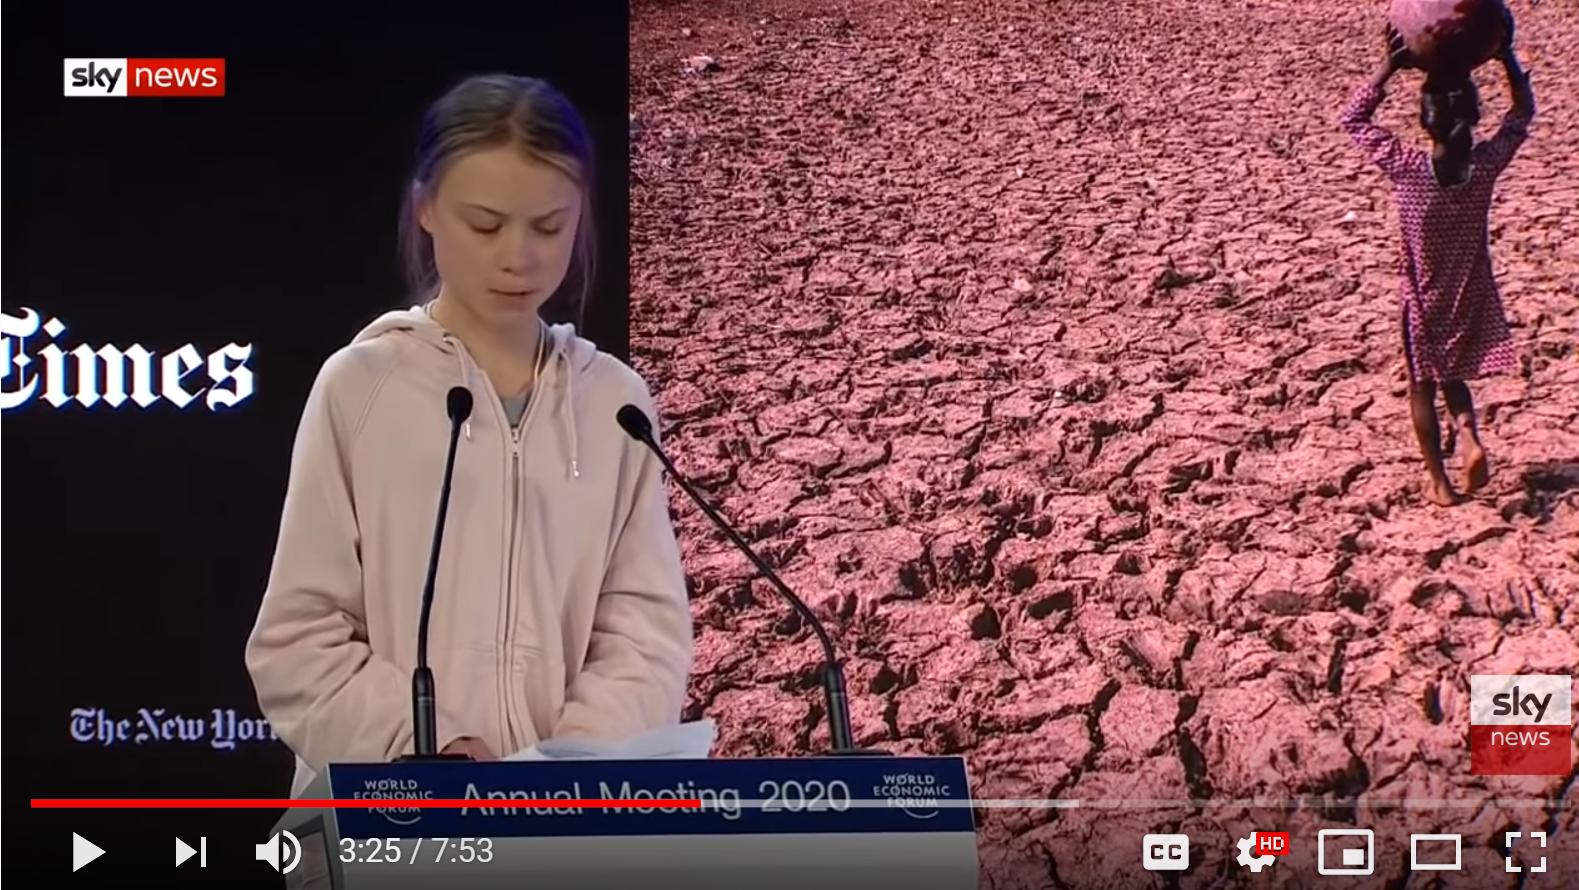 Greta speaks at World Economic Forum – Davos Jan 2020